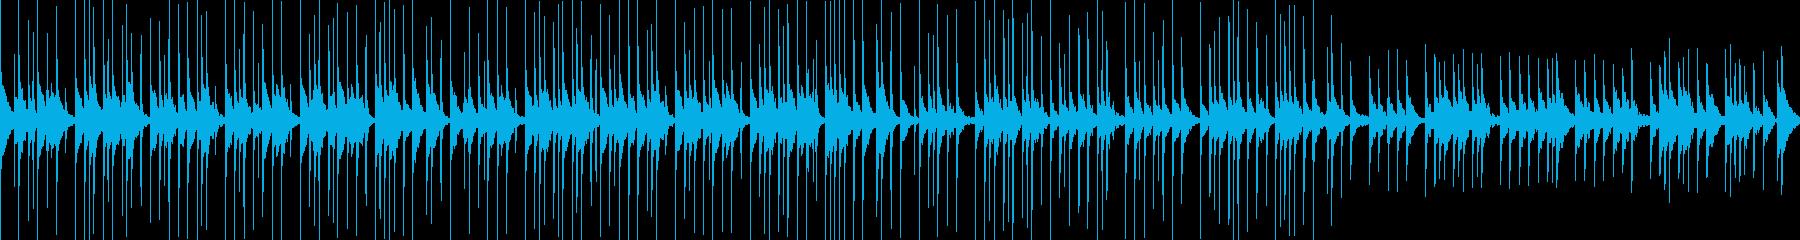 かもめかもめ お祭りバージョンの再生済みの波形